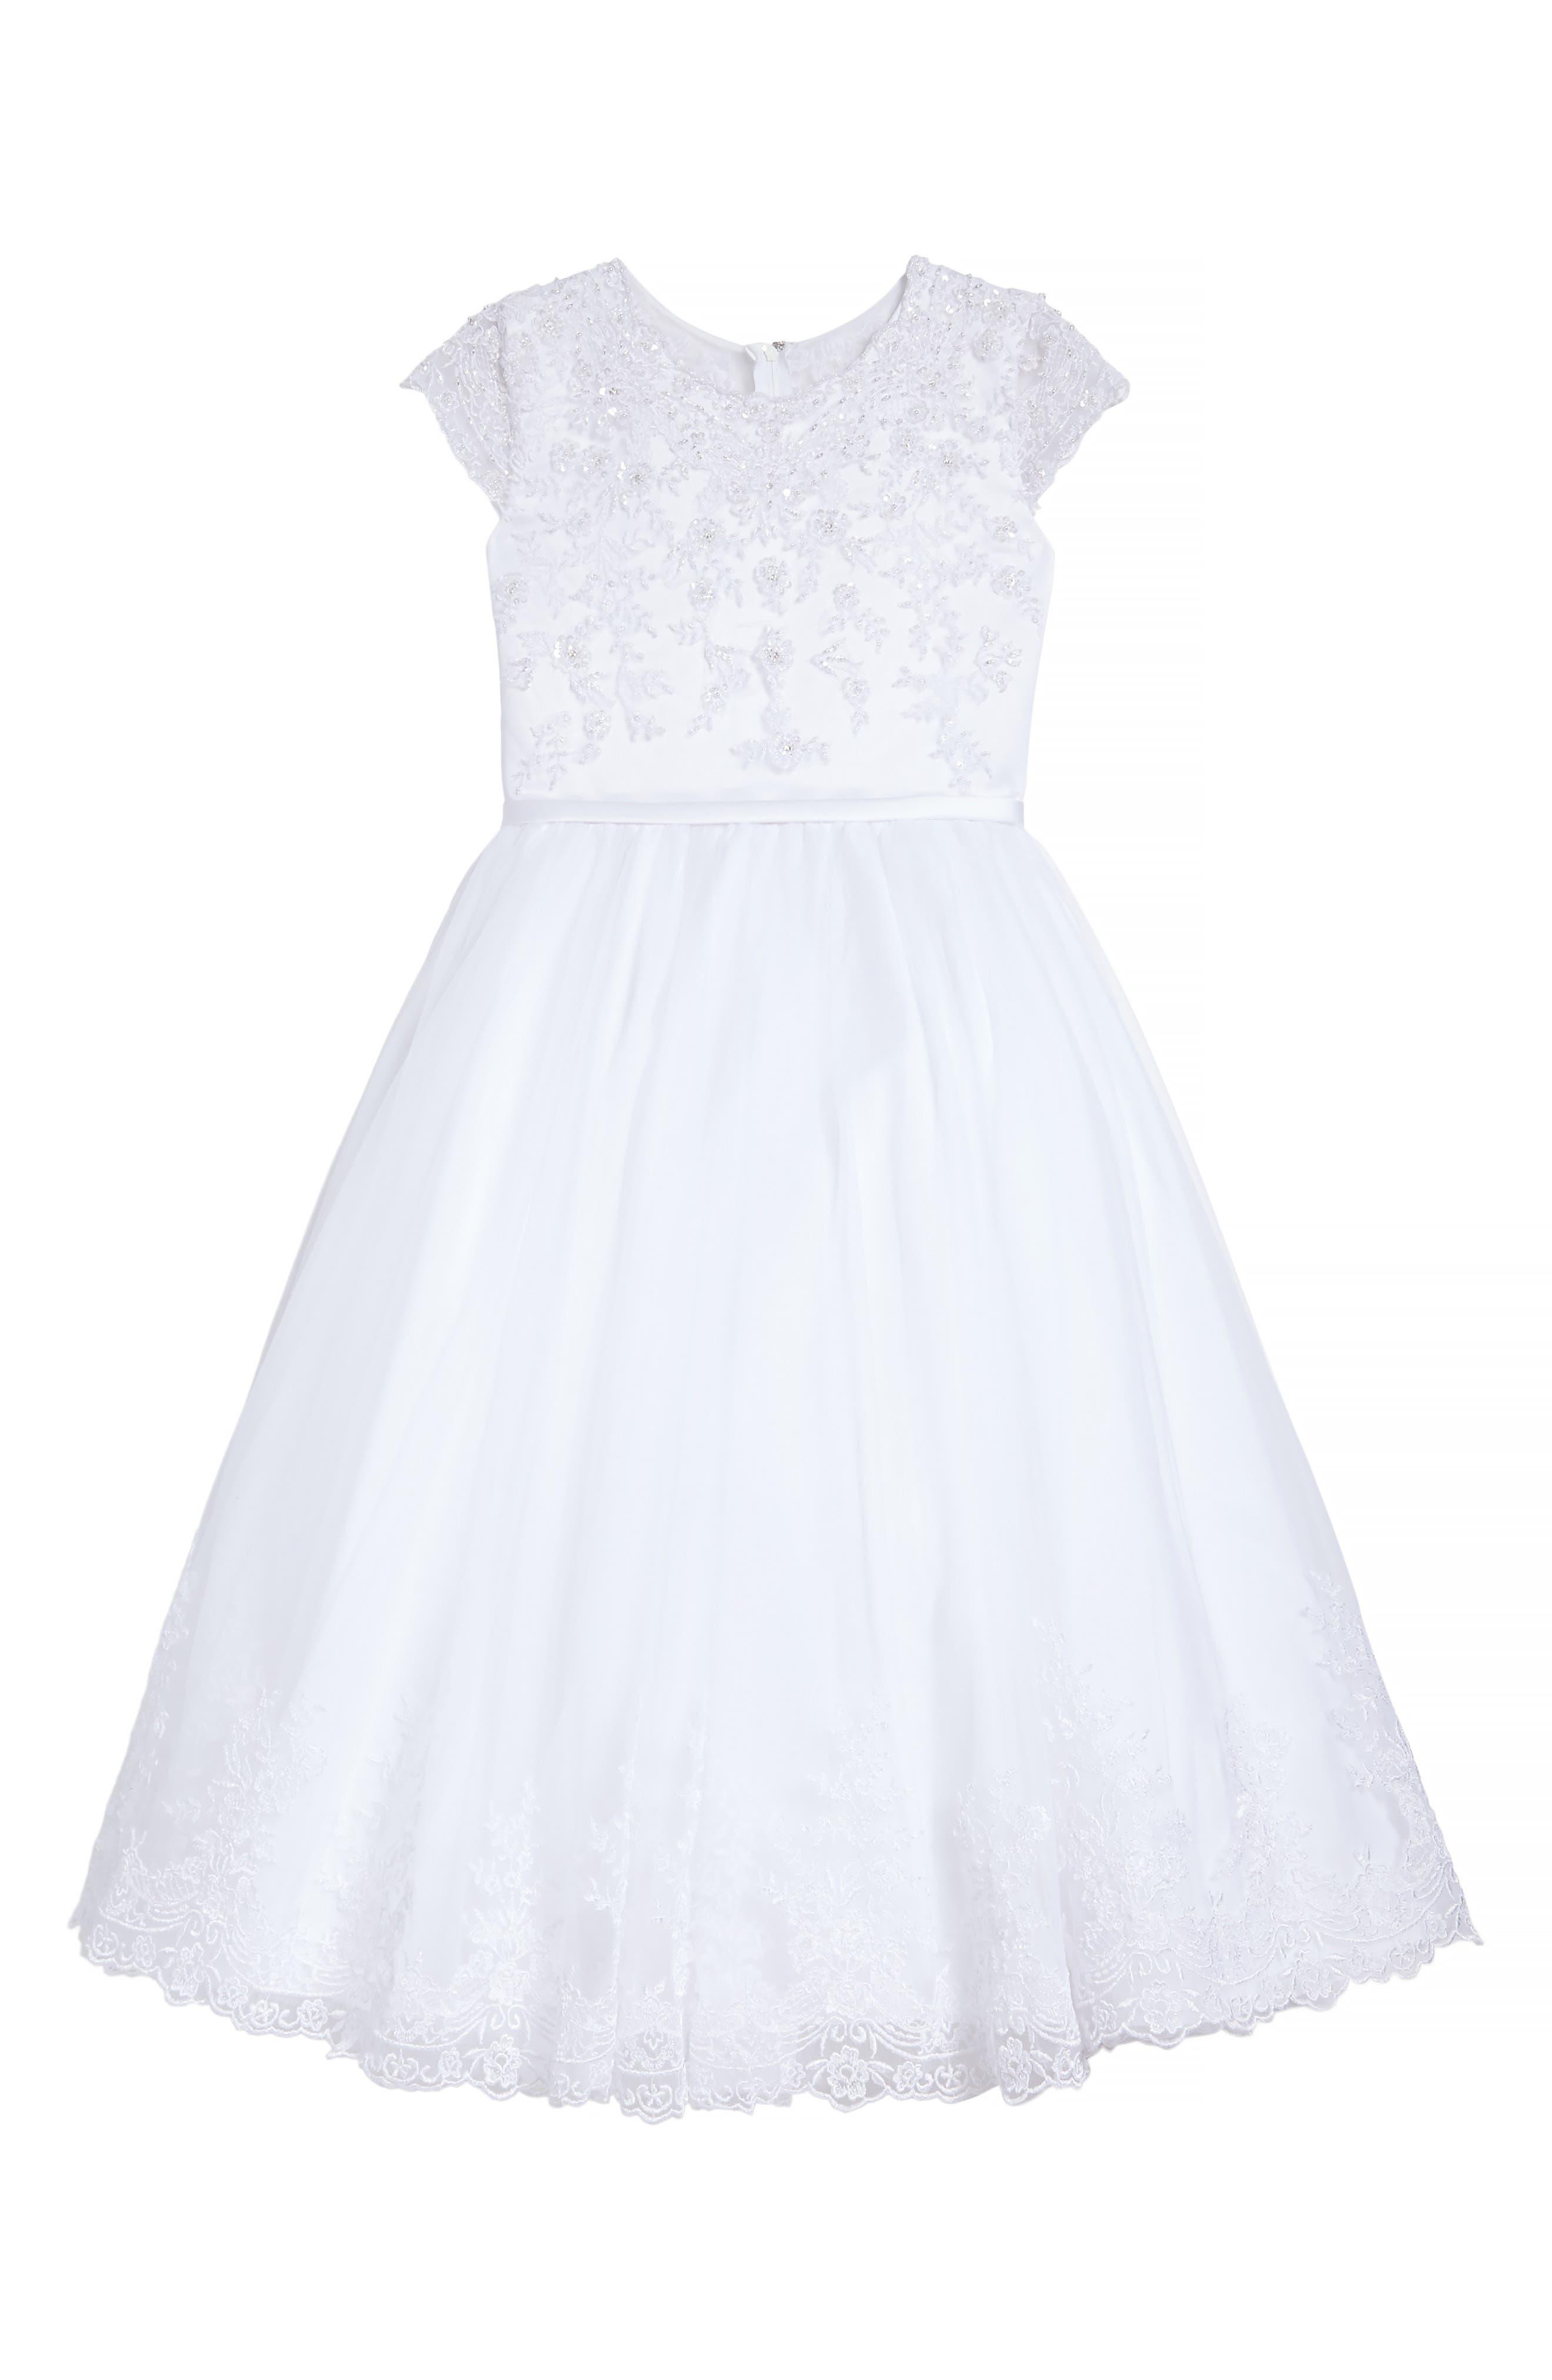 Alternate Image 1 Selected - Joan Calabrese for Mon Cheri Beaded Satin & Tulle First Communion Dress (Little Girls & Big Girls)